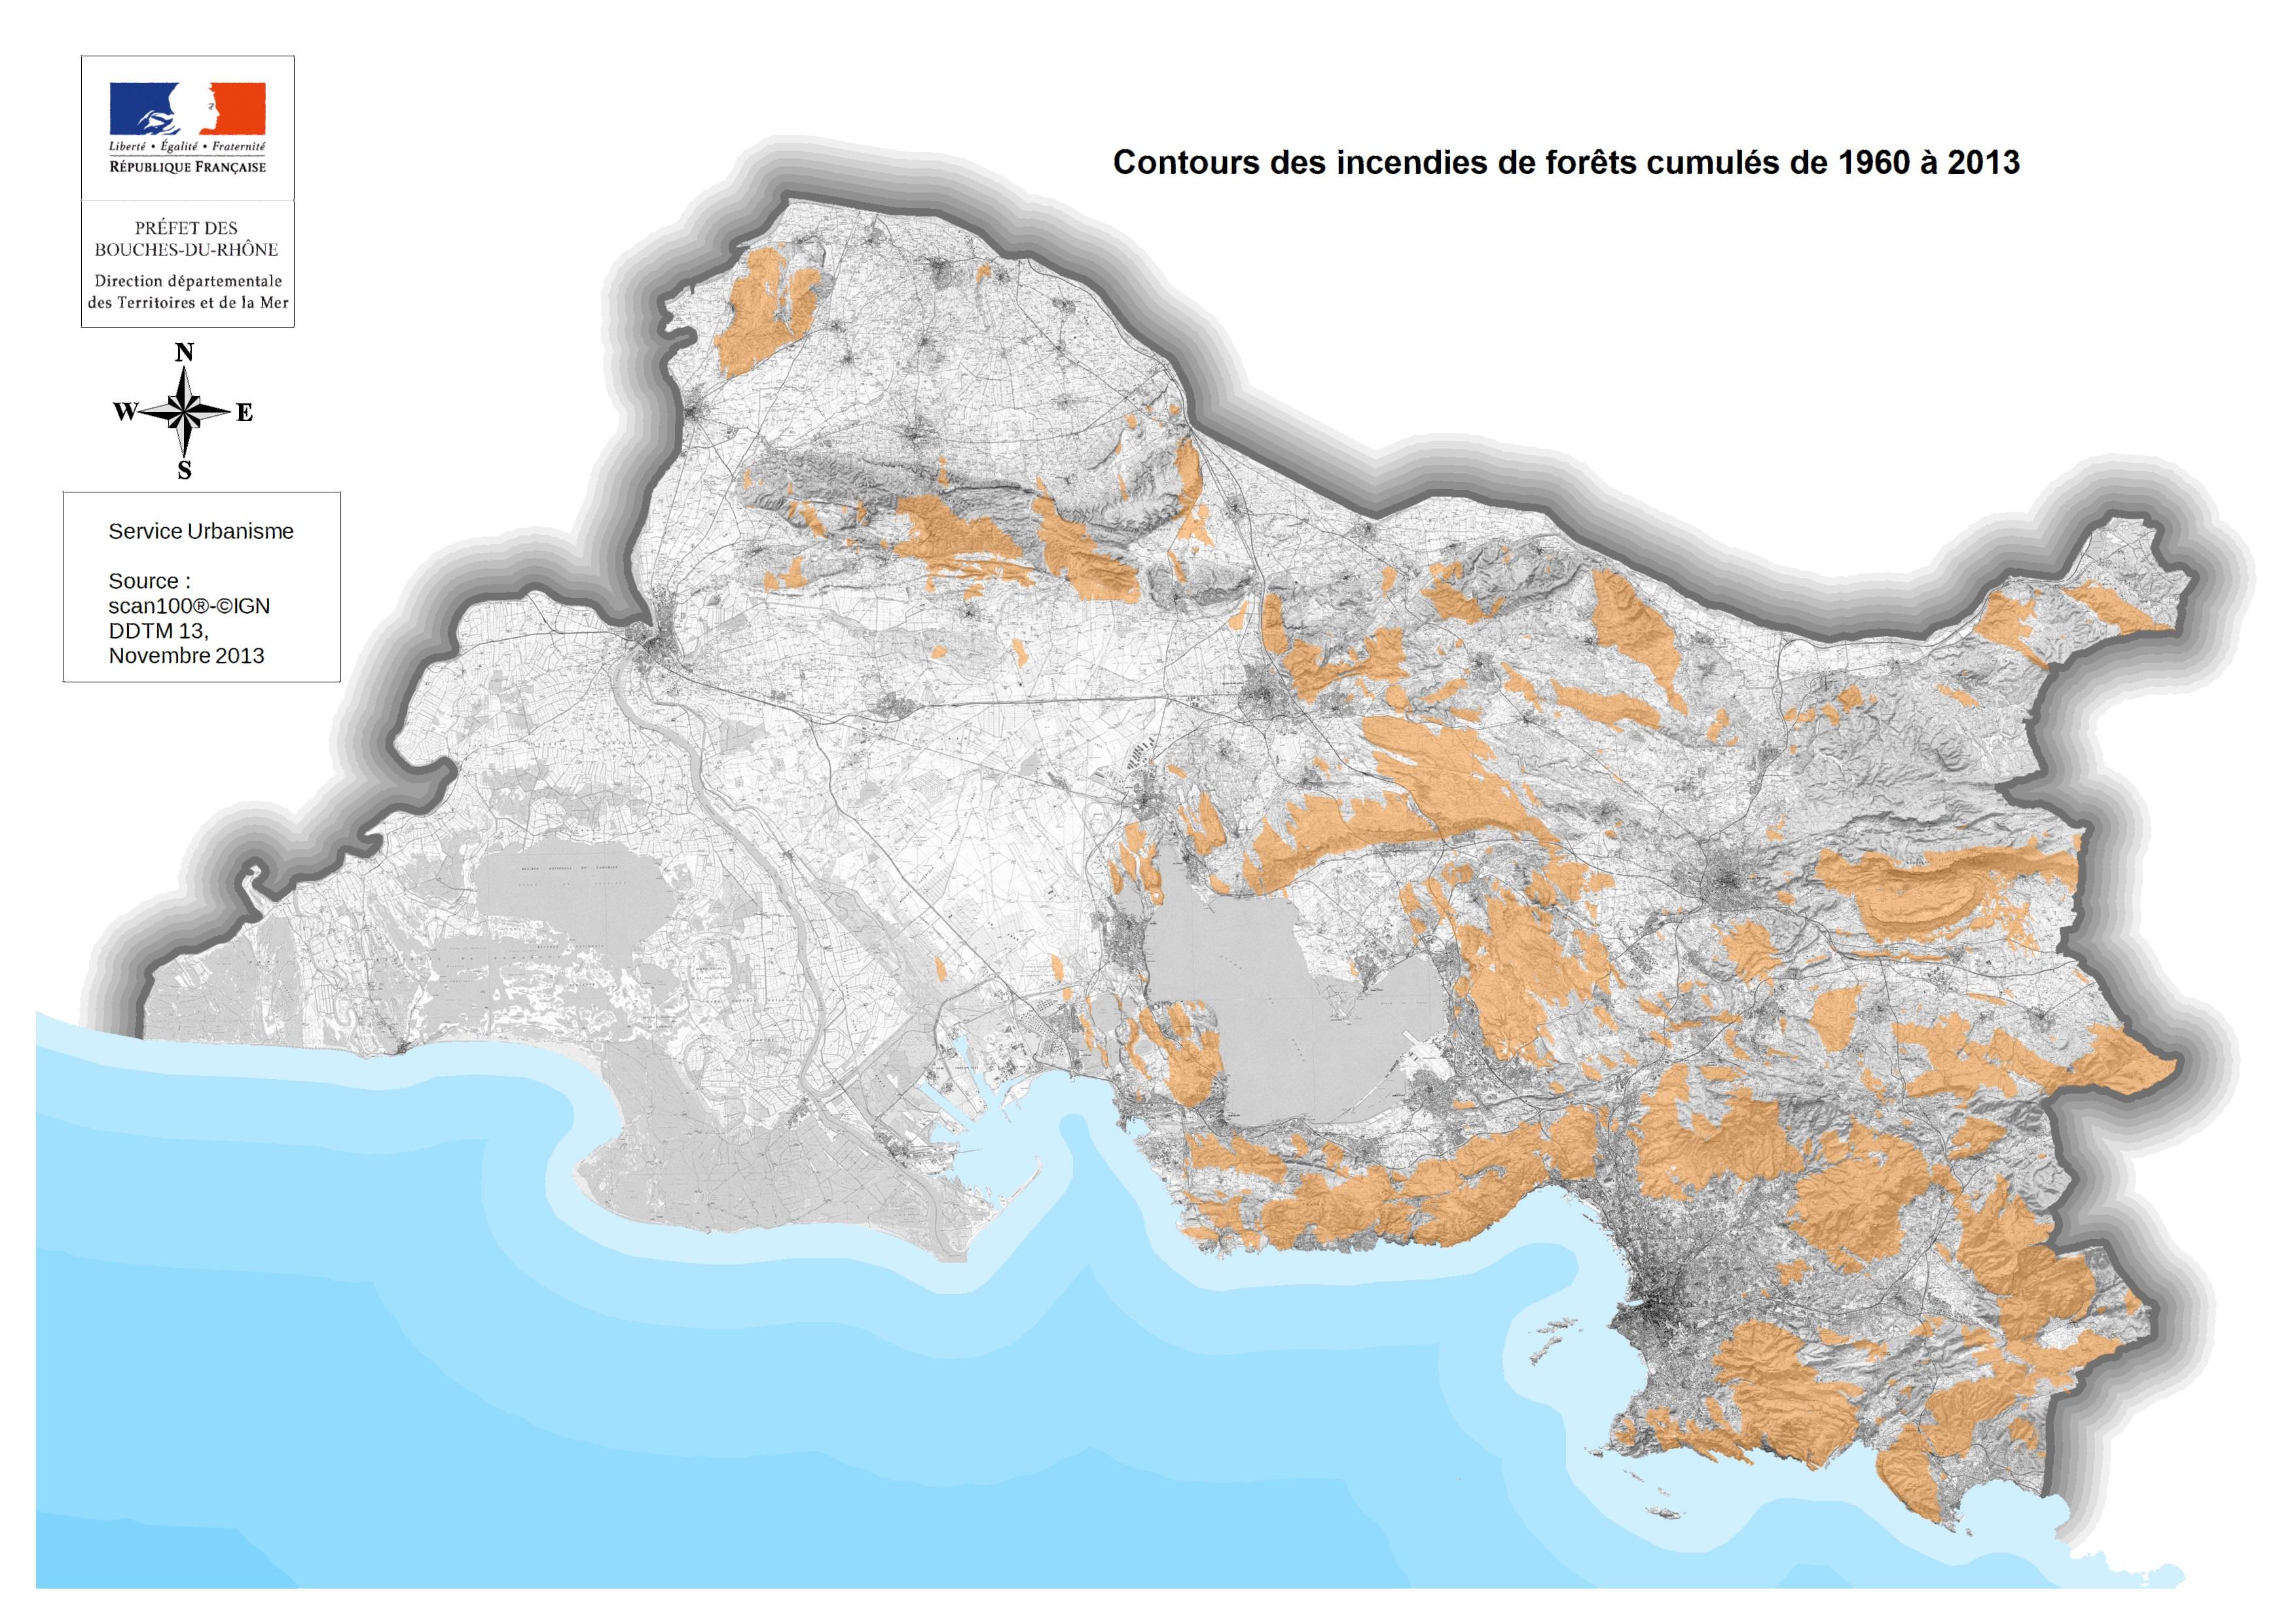 Cartographie des territoires concern s feu de for t for Info regionale bouche du rhone